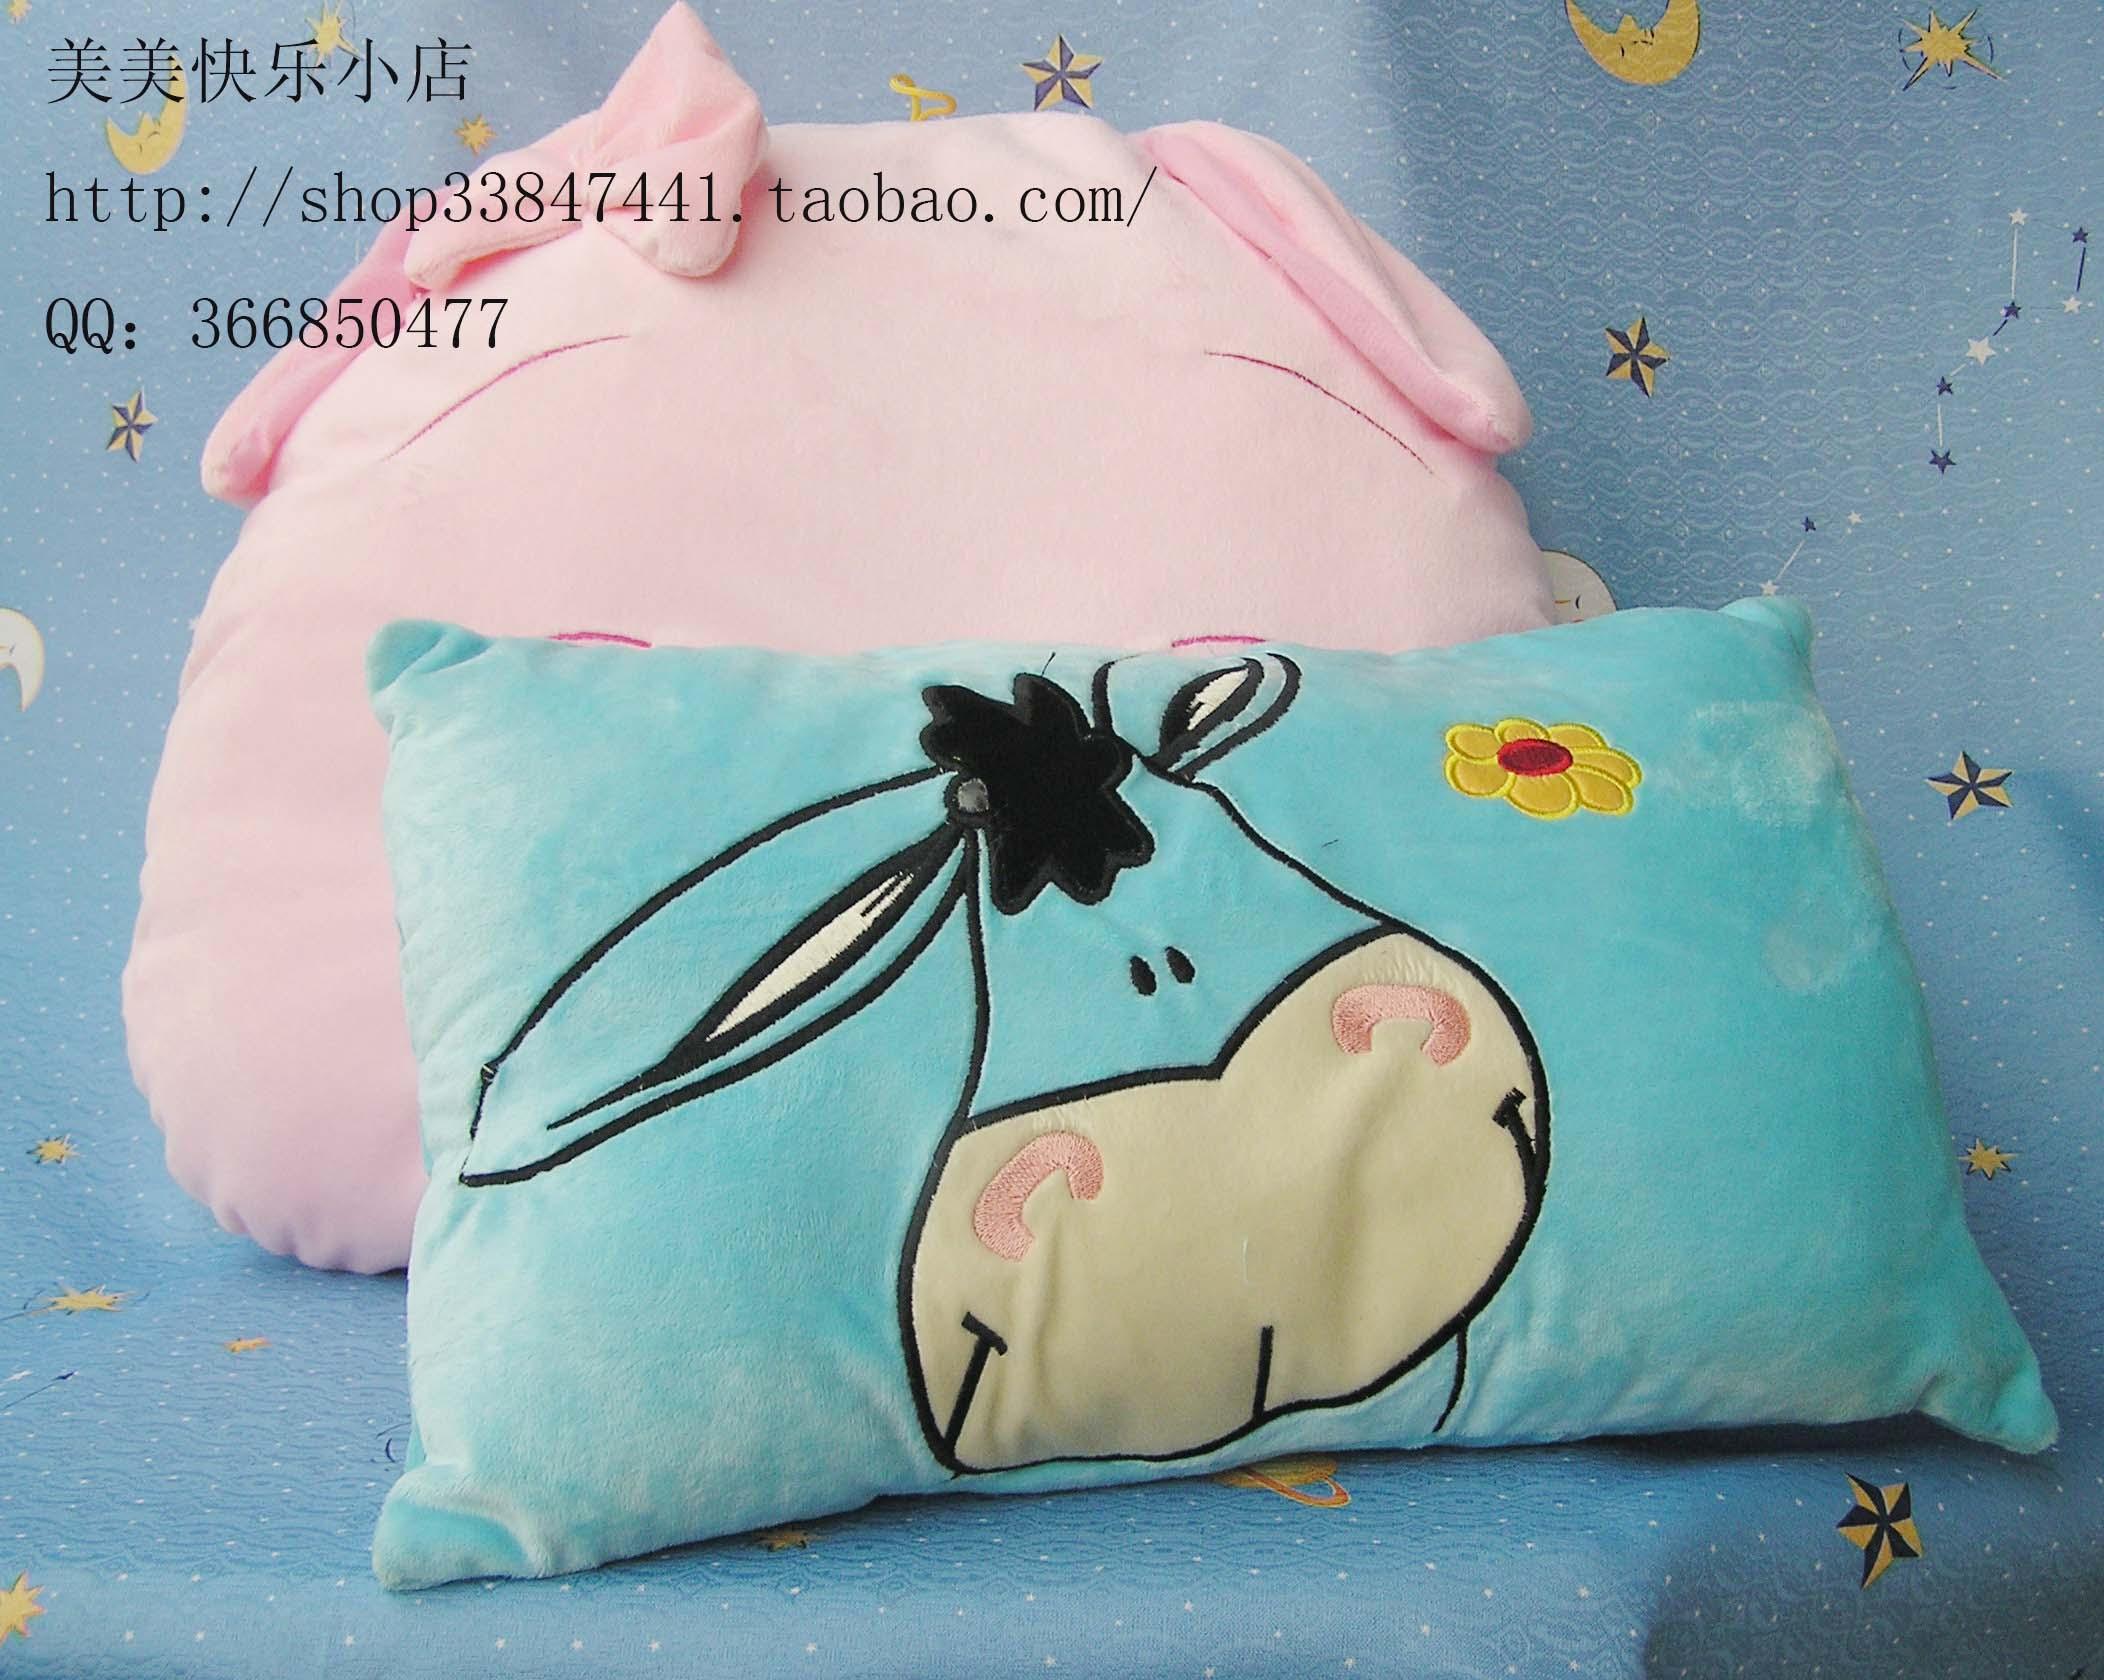 > 超级可爱的猪猪靠垫!猪年大运噢!